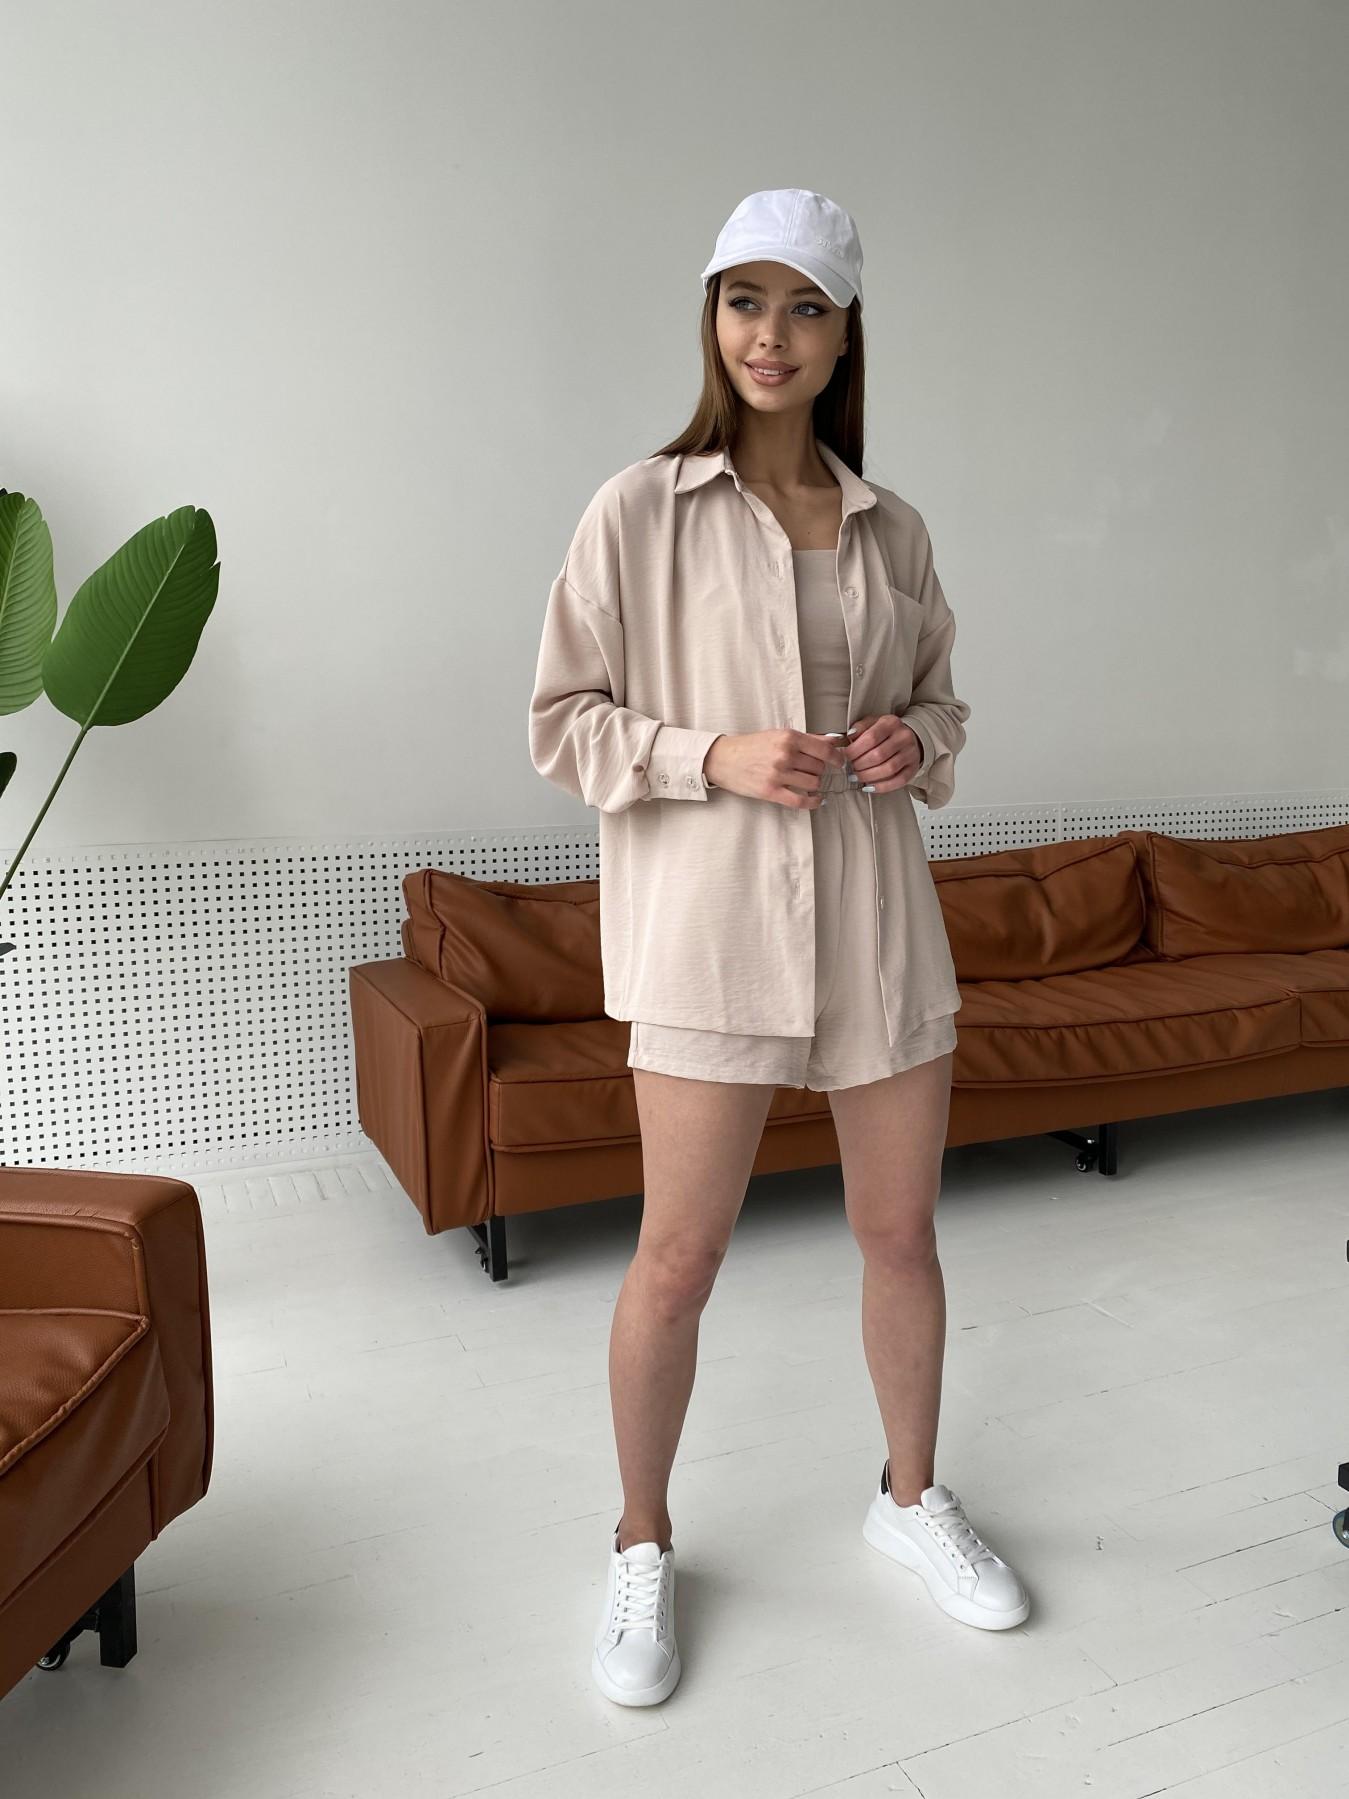 Рико костюм американский из креп ткани 11293 АРТ. 47827 Цвет: Бежевый Светлый - фото 9, интернет магазин tm-modus.ru